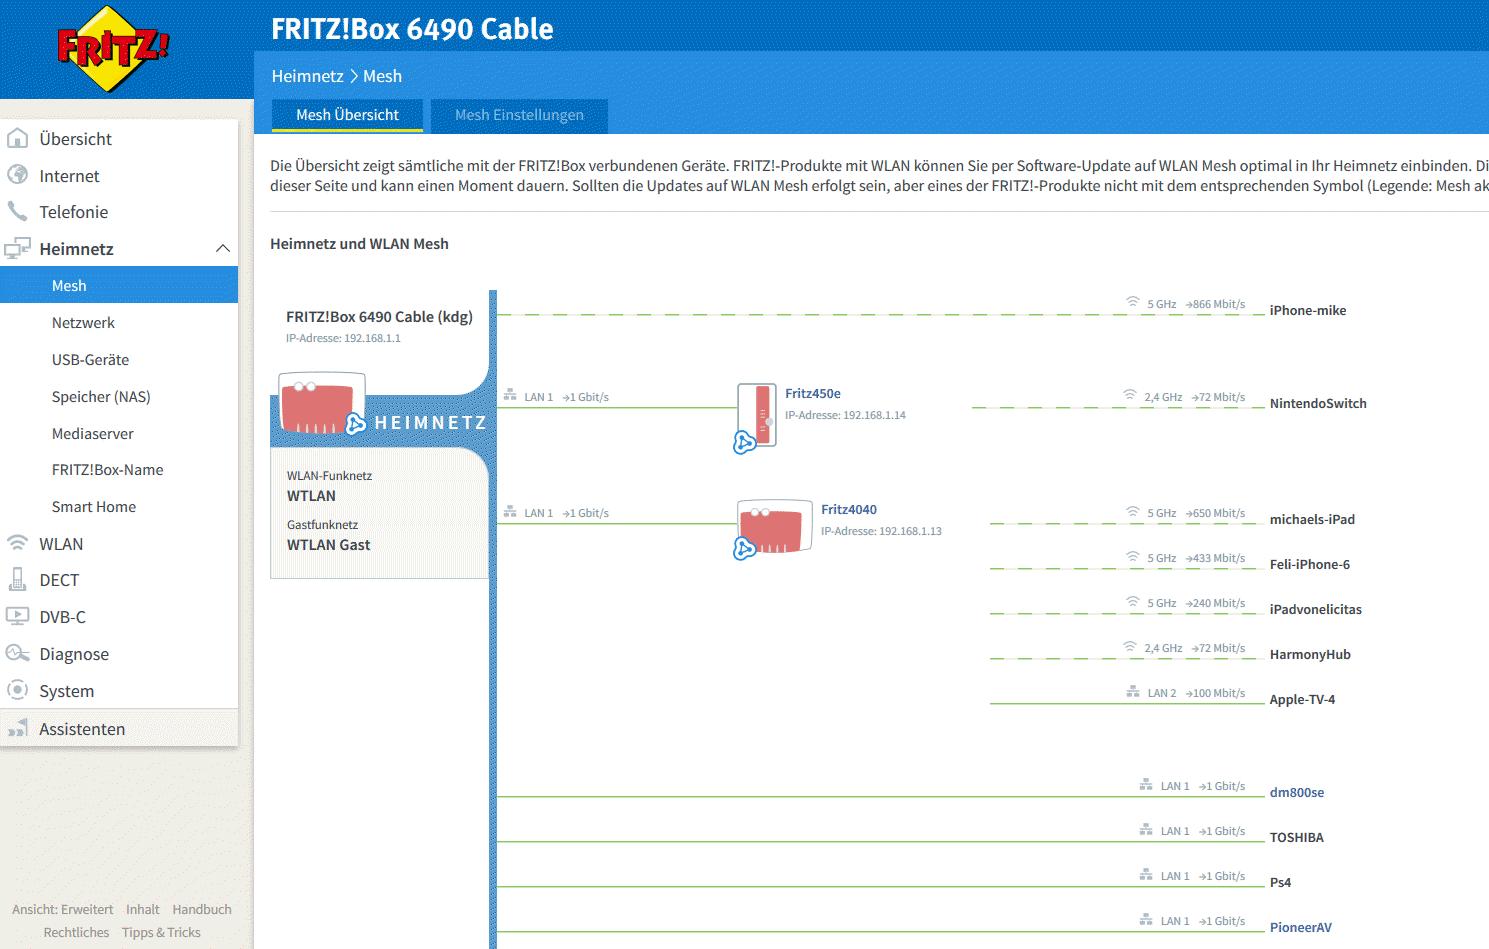 FRITZBox Mesh So richten Sie ein Mesh Netzwerk mit AVM Geräten ein